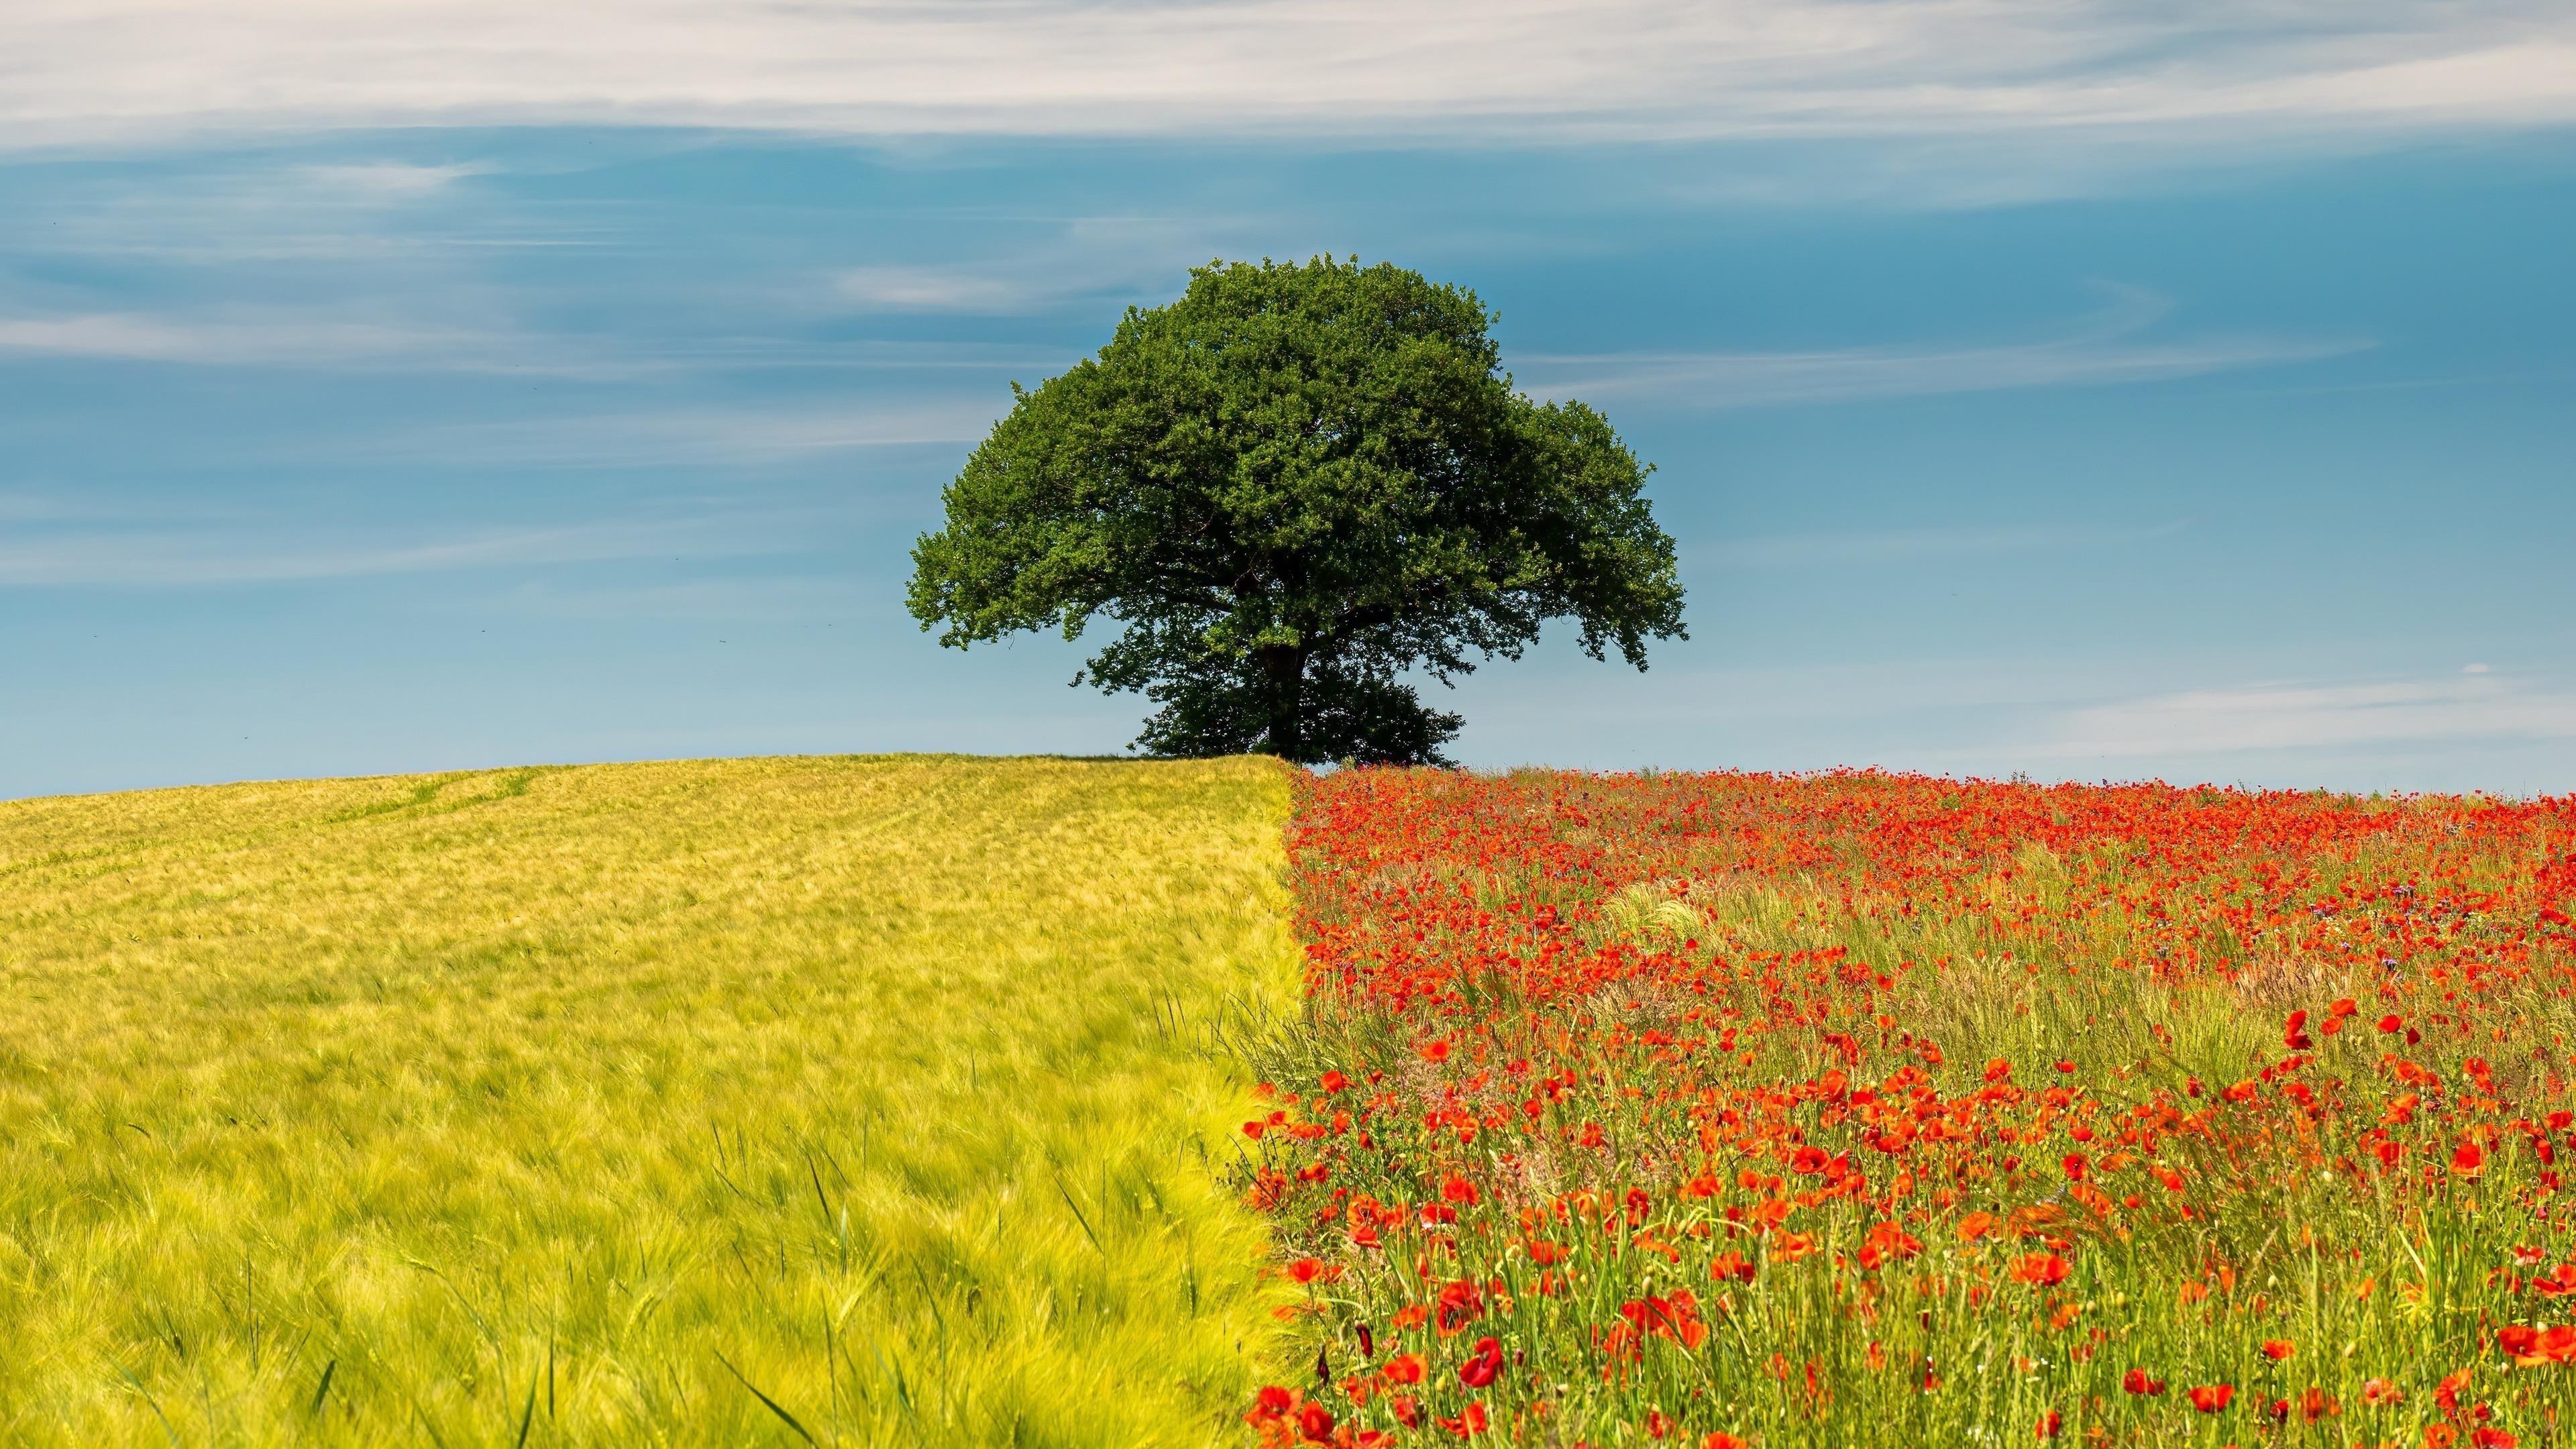 Двухцветное поле в одиночном дереве в дневное время обои скачать